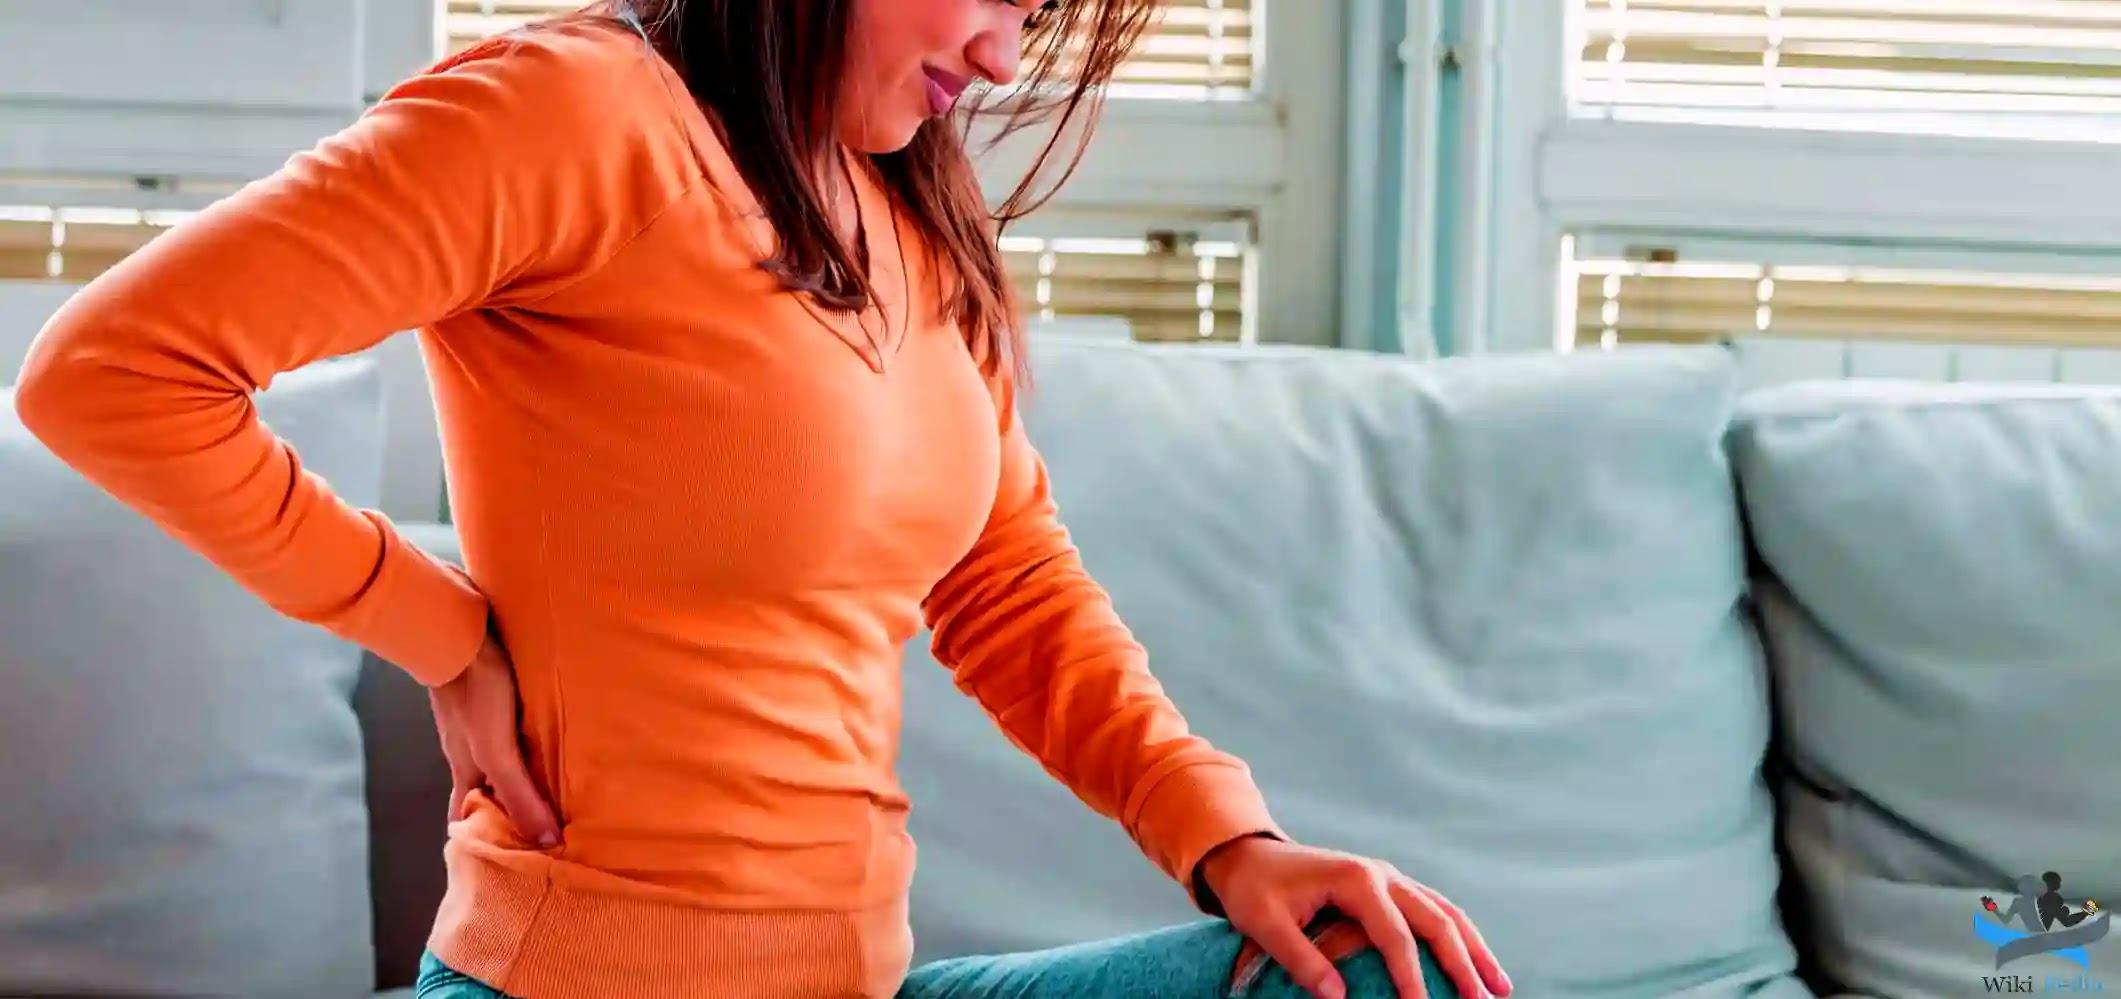 الآثار الجانبية لارتداء حمالة الصدر الخطأ